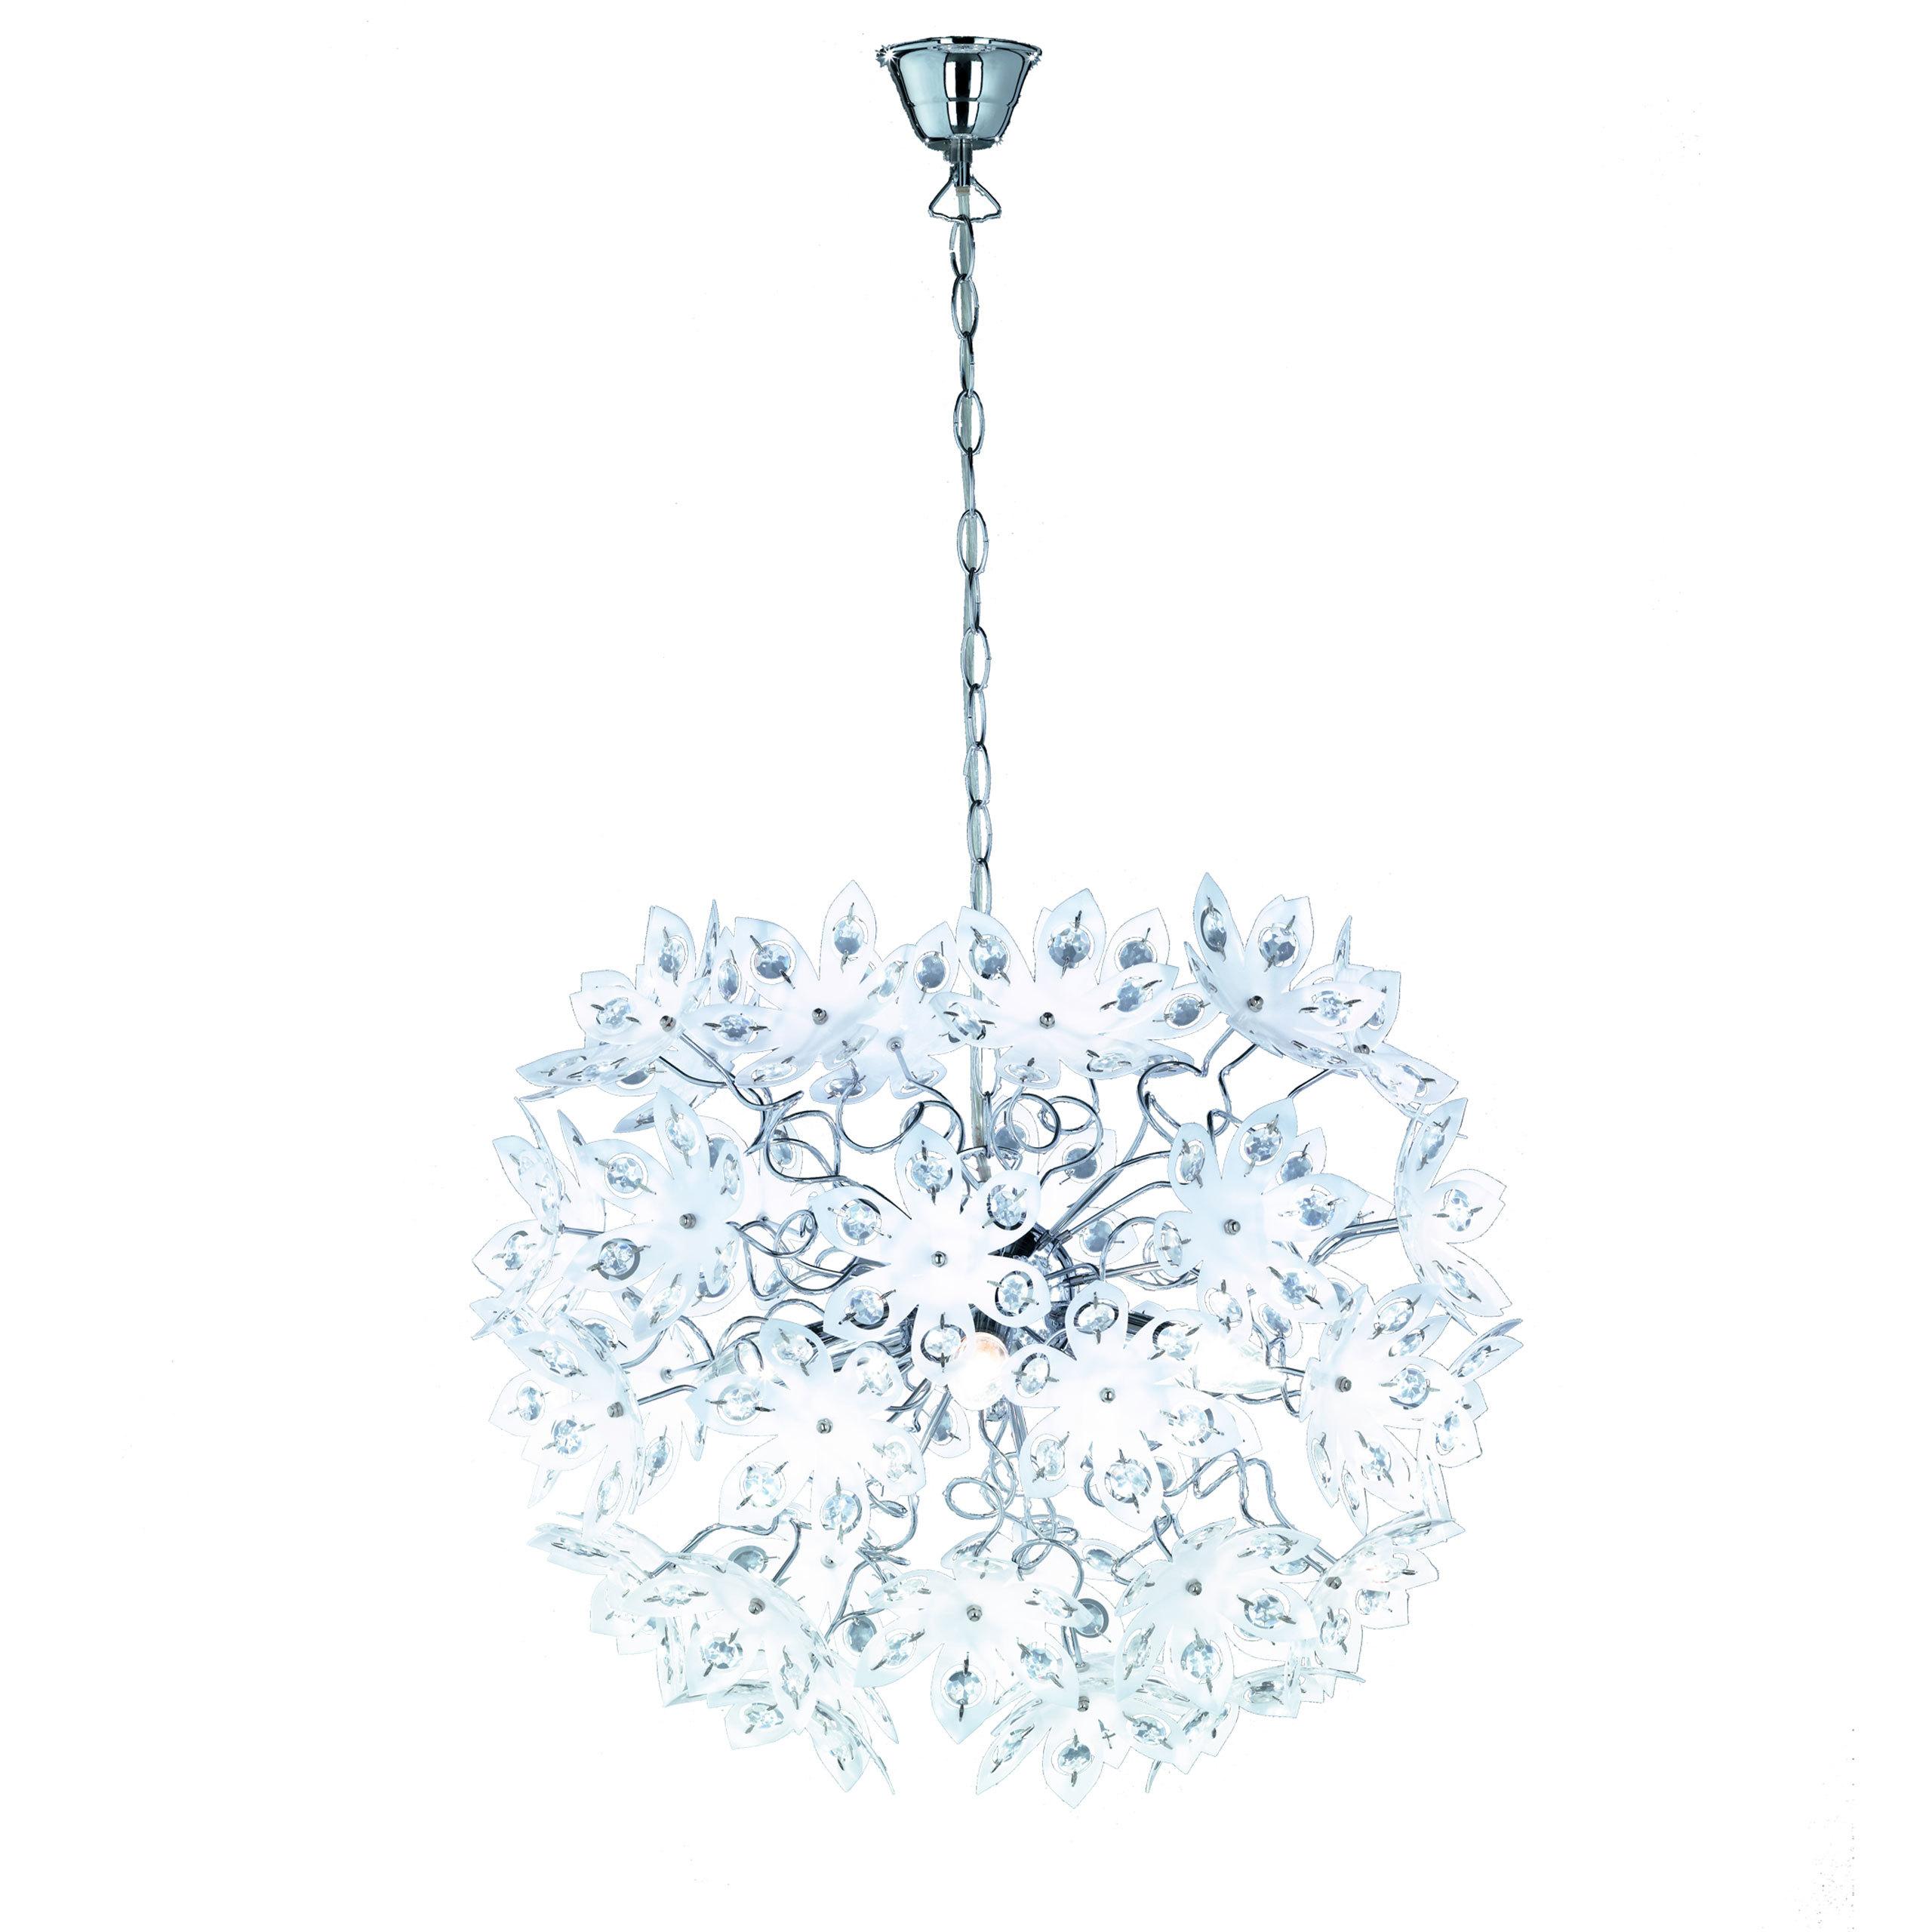 Reality Lampe suspension luminaire, Ø=50cm, fleurs acryliques, blanc